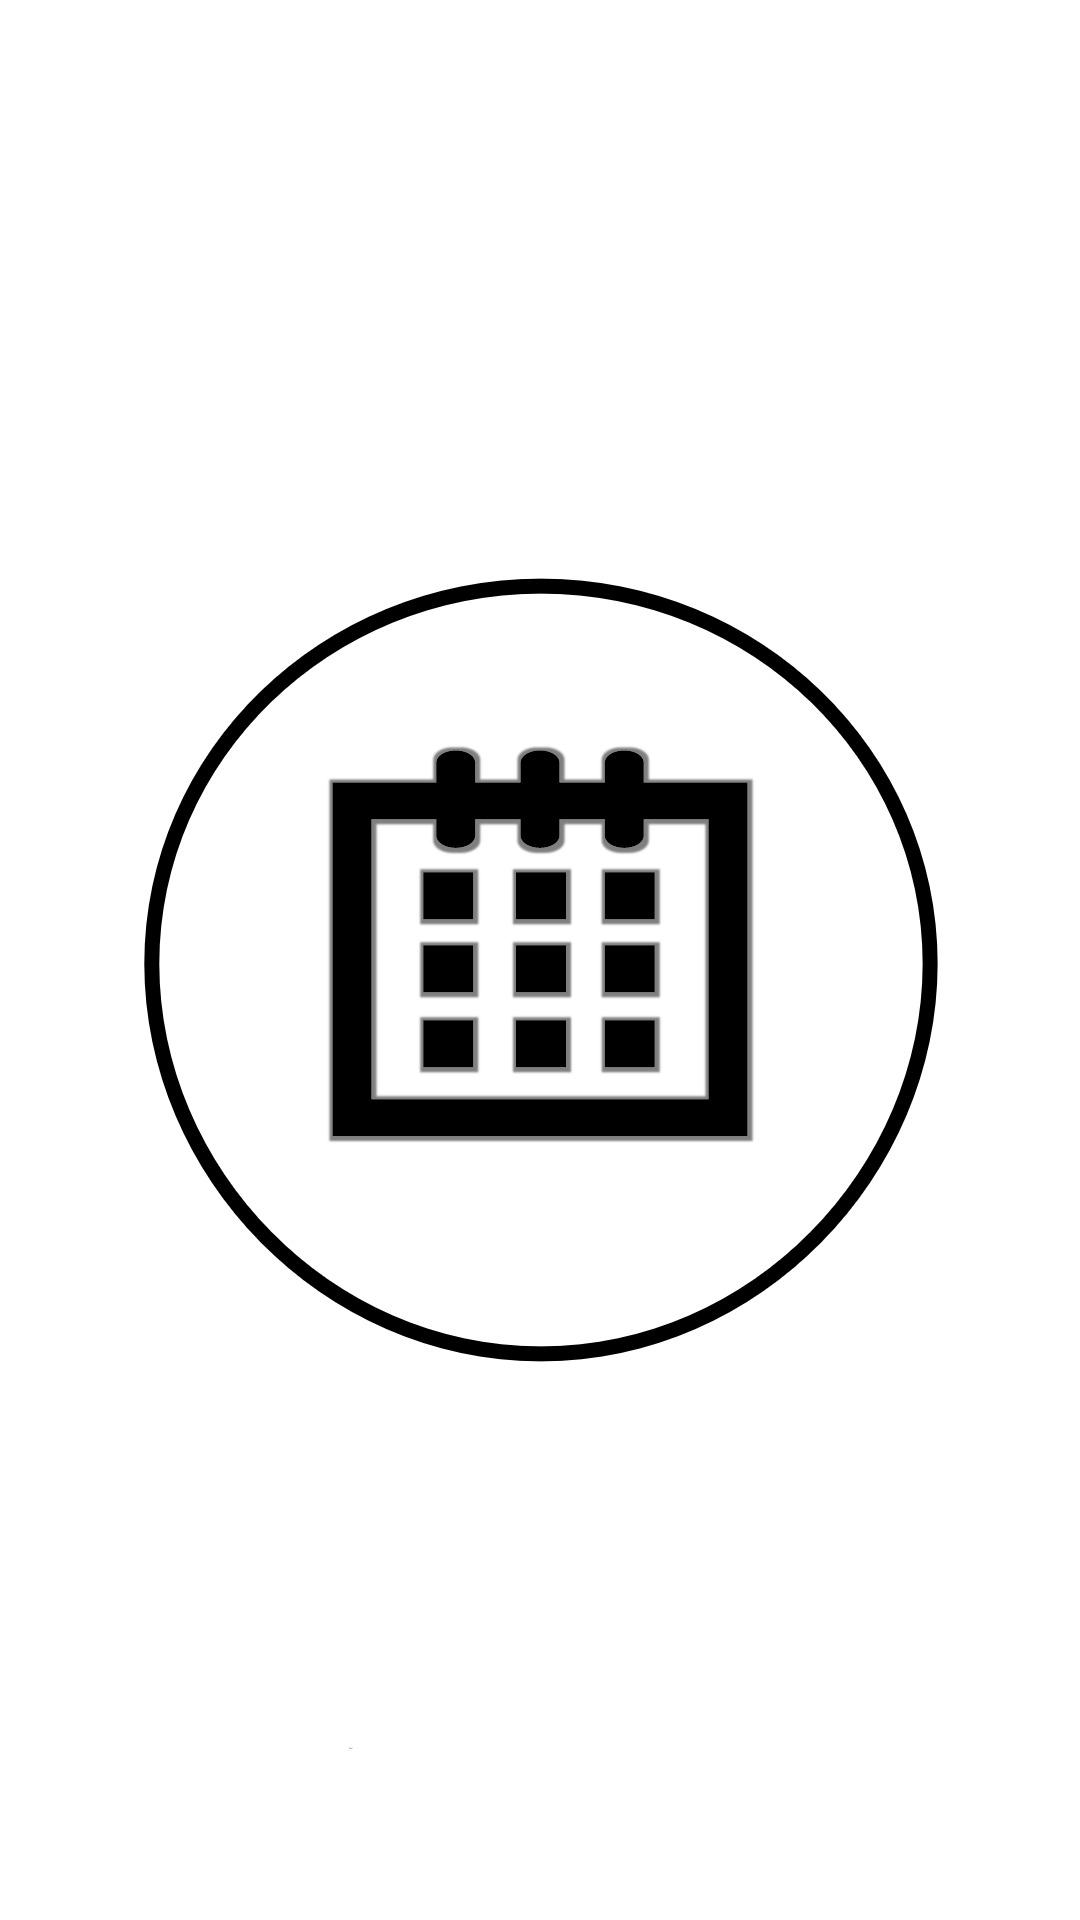 Instagram-cover-calendar-blackwhite-lotnotes.com.jpg